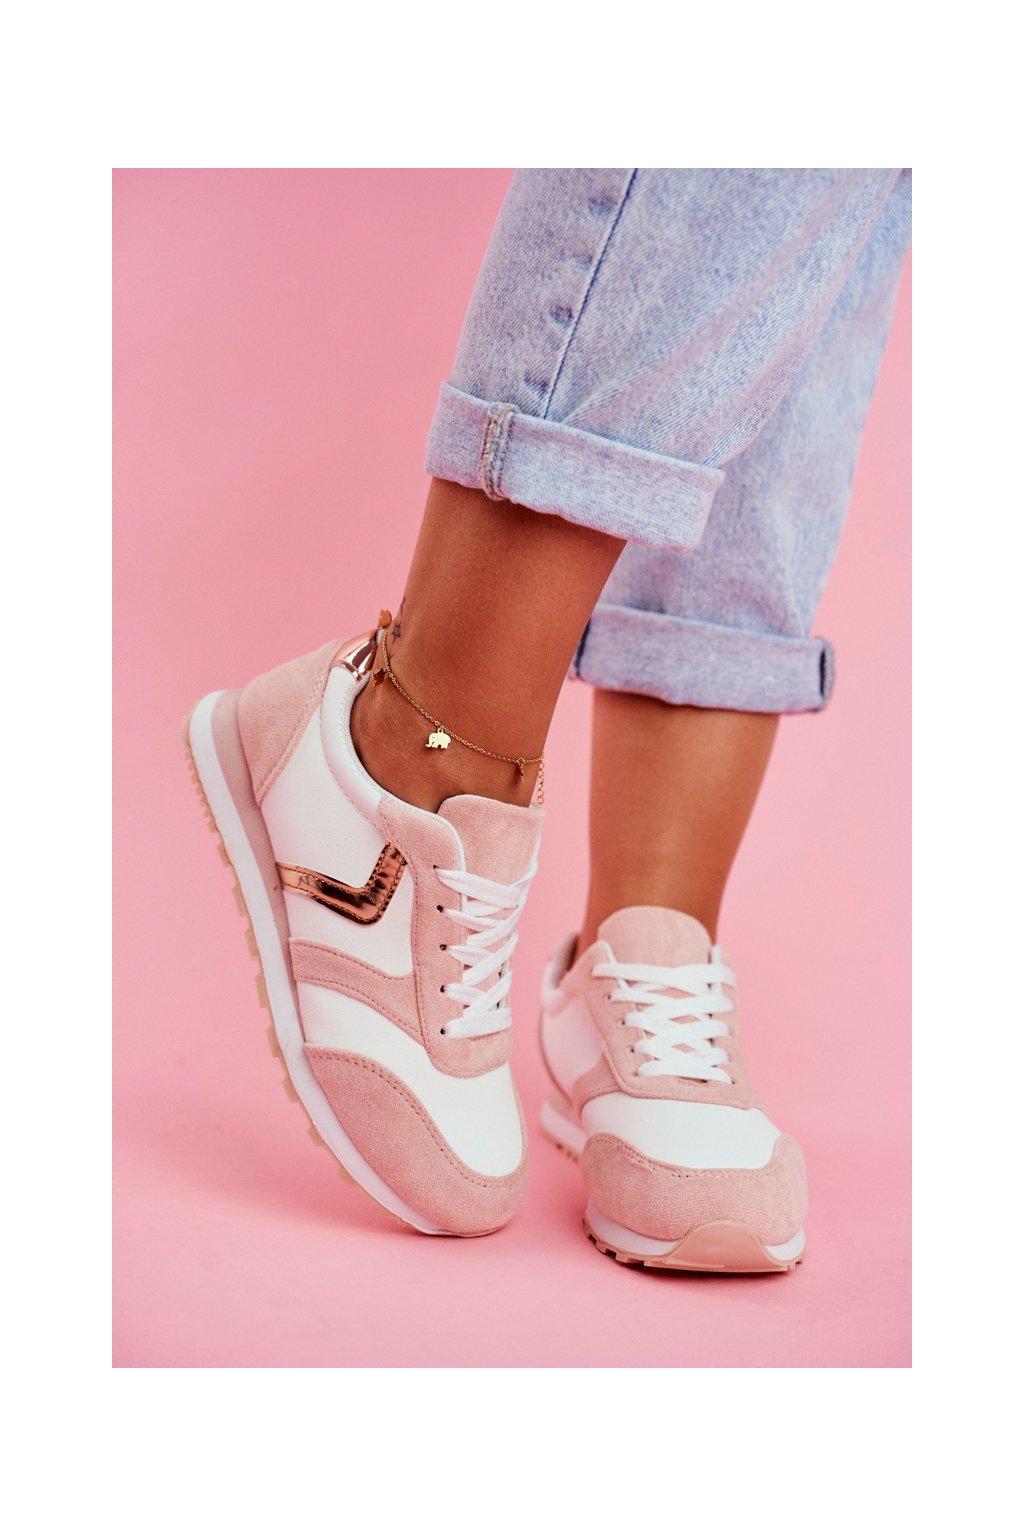 Dámska športová obuv Bílo Ružové Roulette